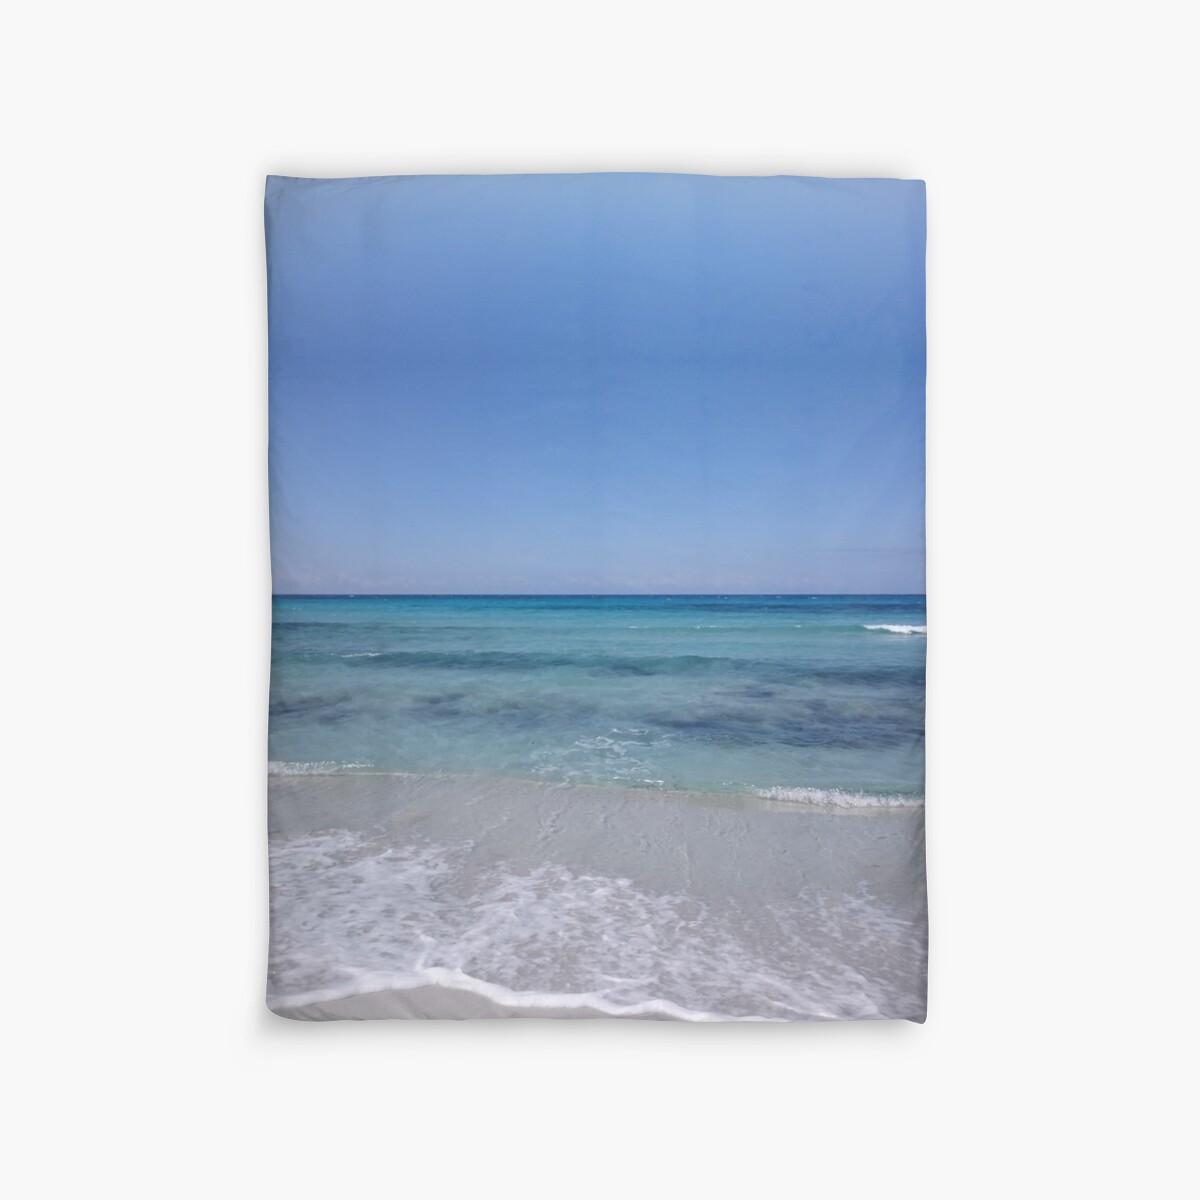 oh la belle bleue plage corse paradisiaque mer belle eau bleue et turquoise duvet. Black Bedroom Furniture Sets. Home Design Ideas